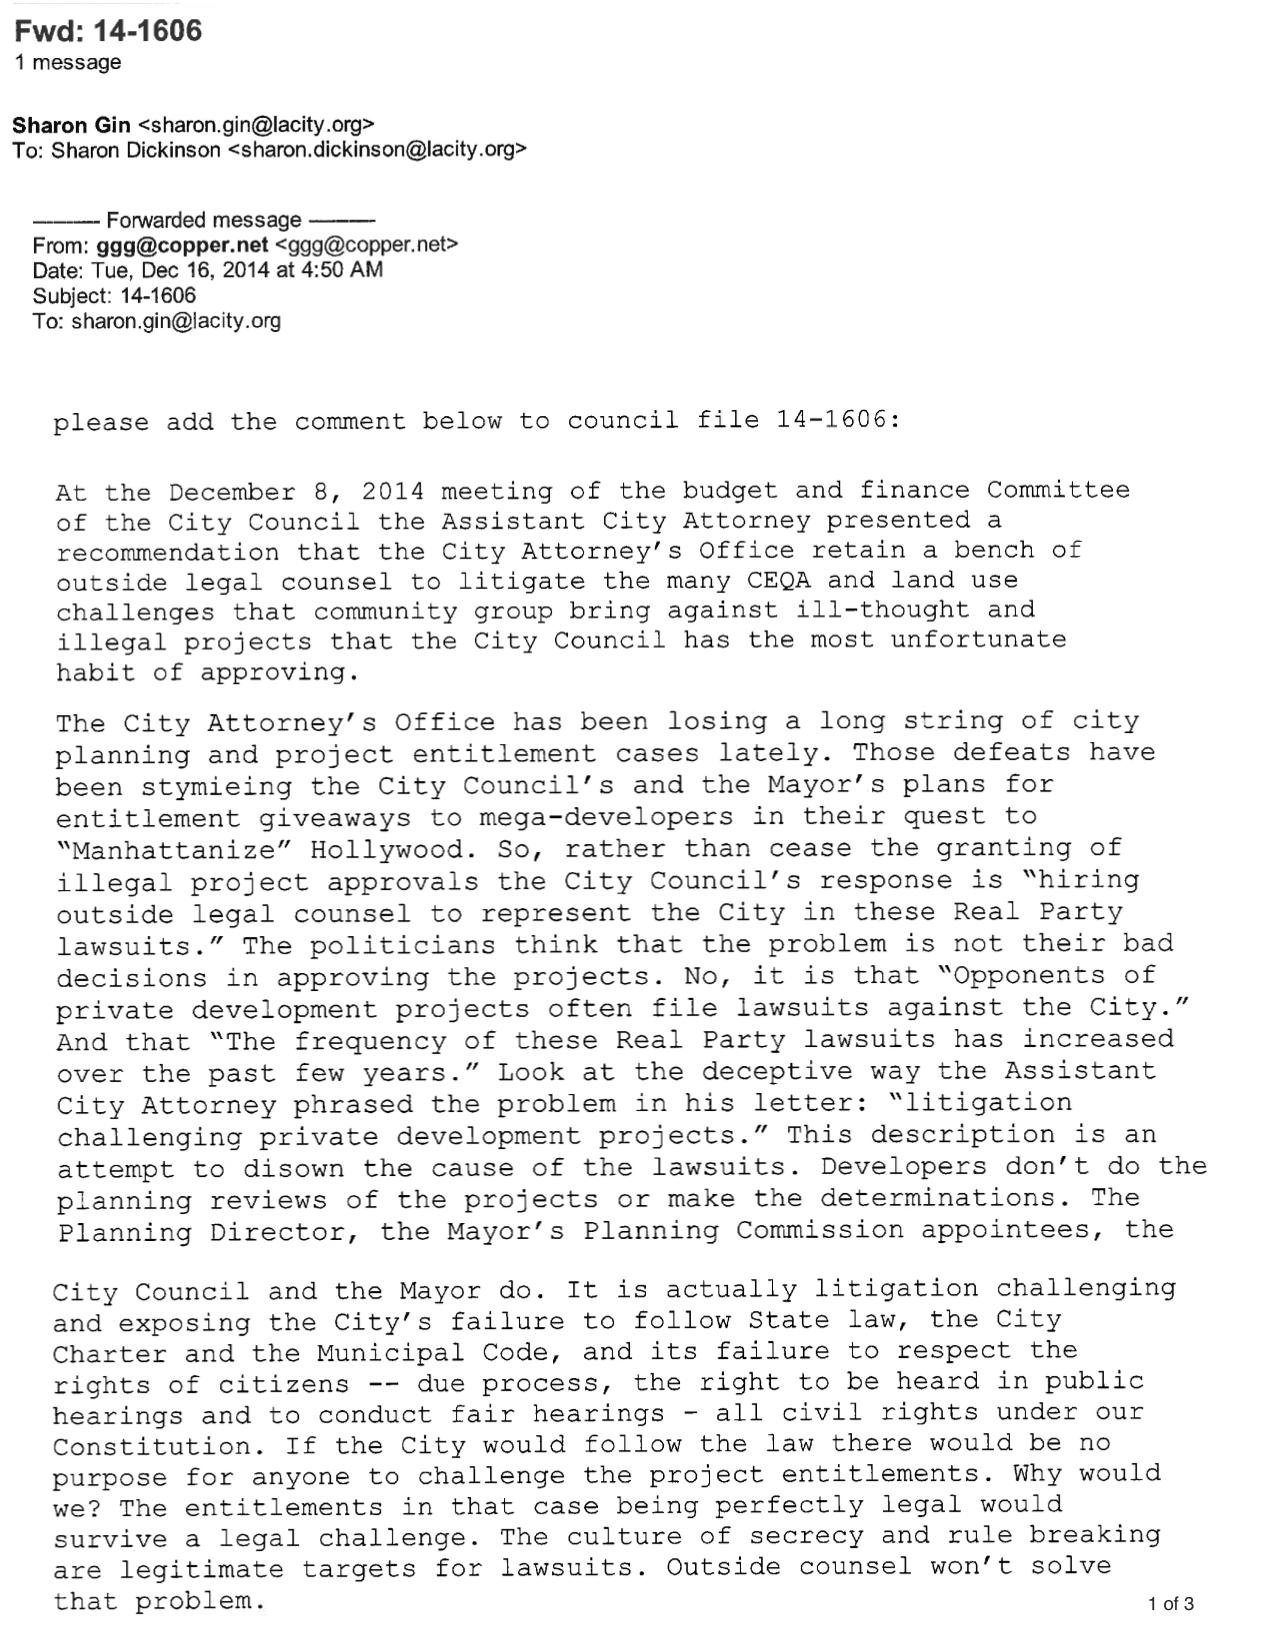 Council File-14-1606-BC-CIS